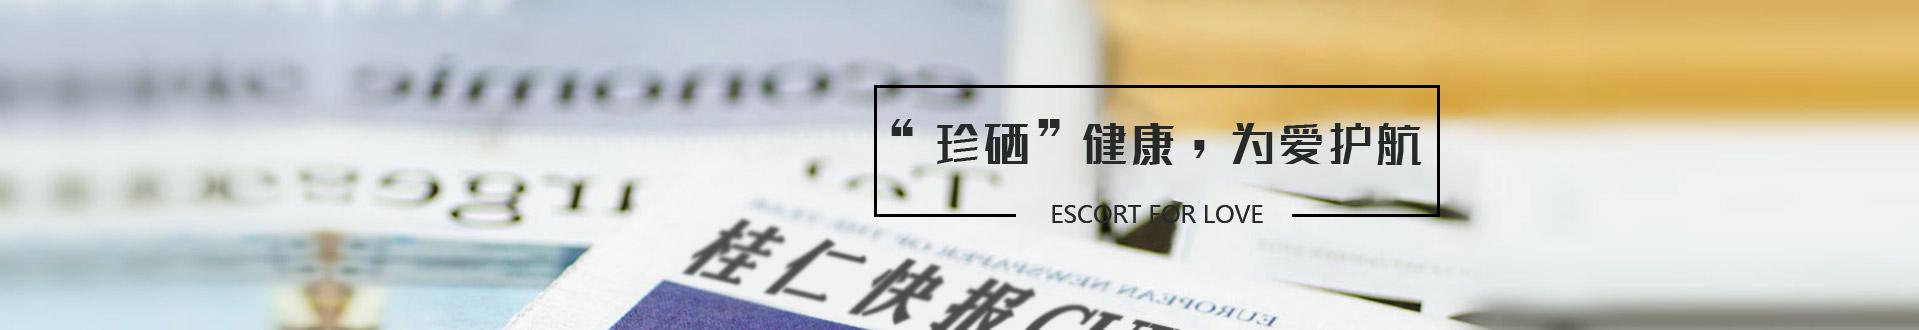 桂仁医药新闻资讯动态